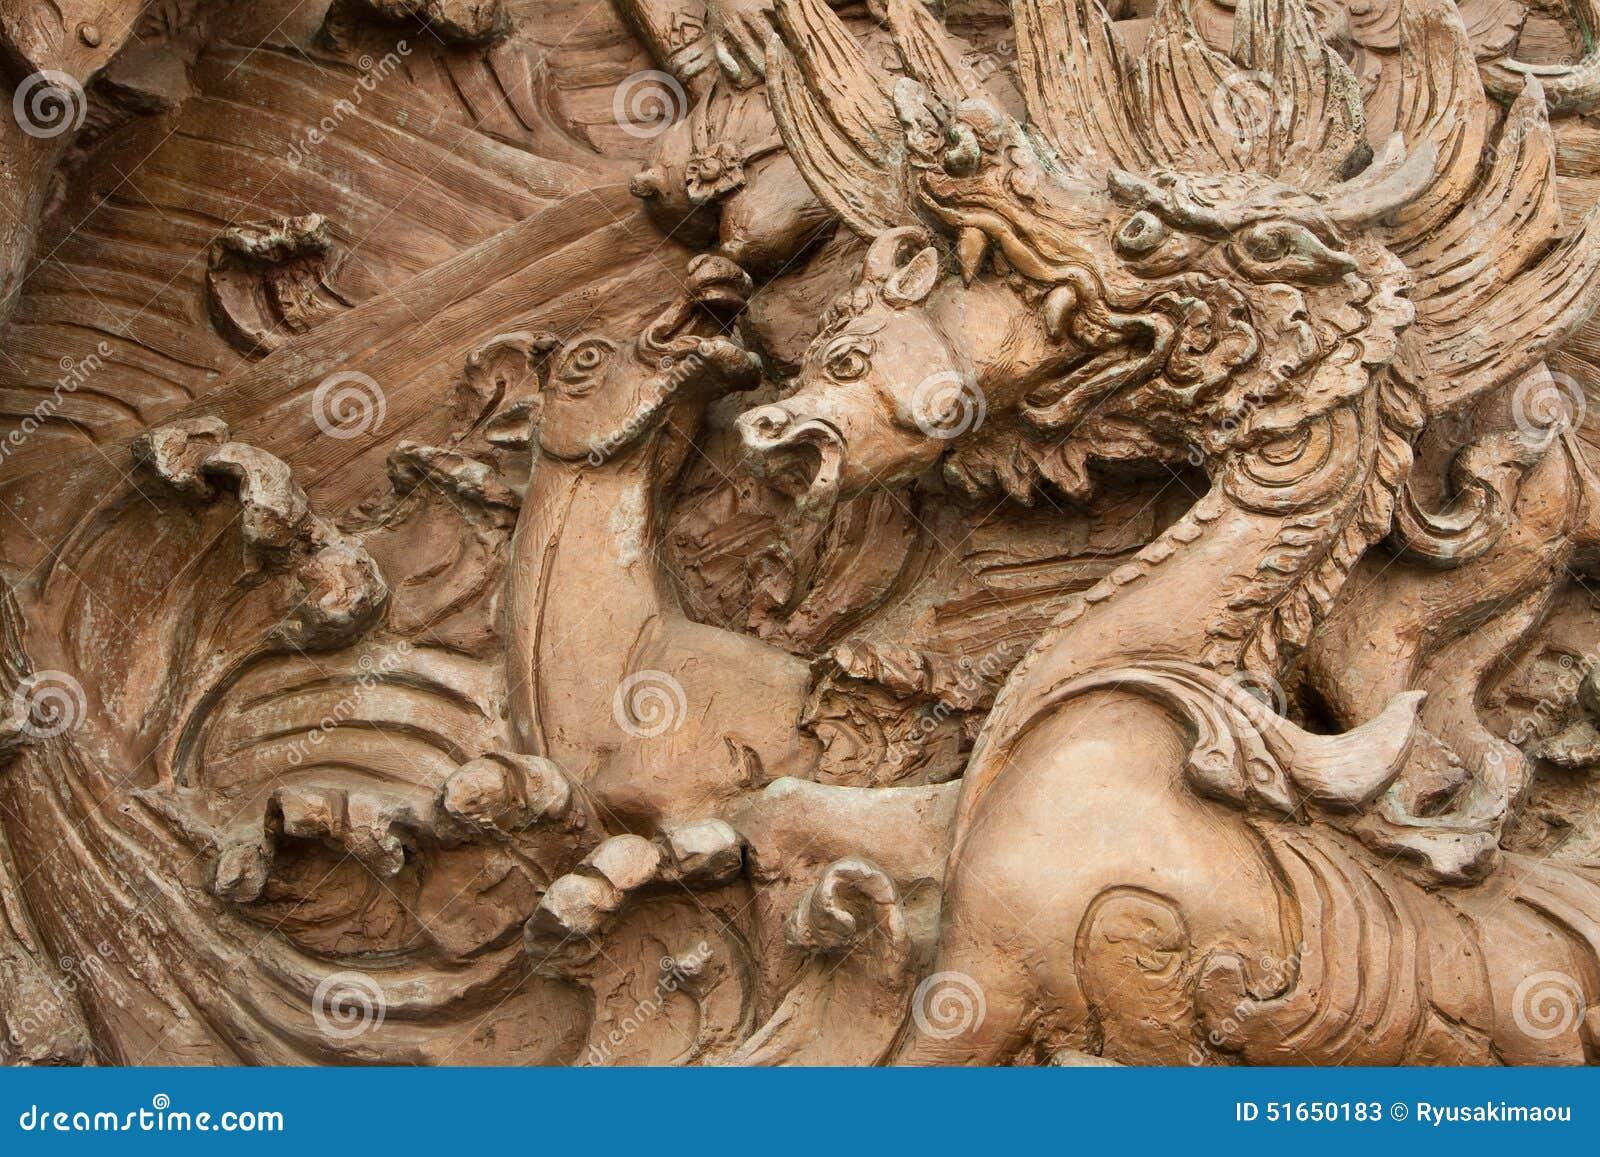 Art Design Wall Sculpture